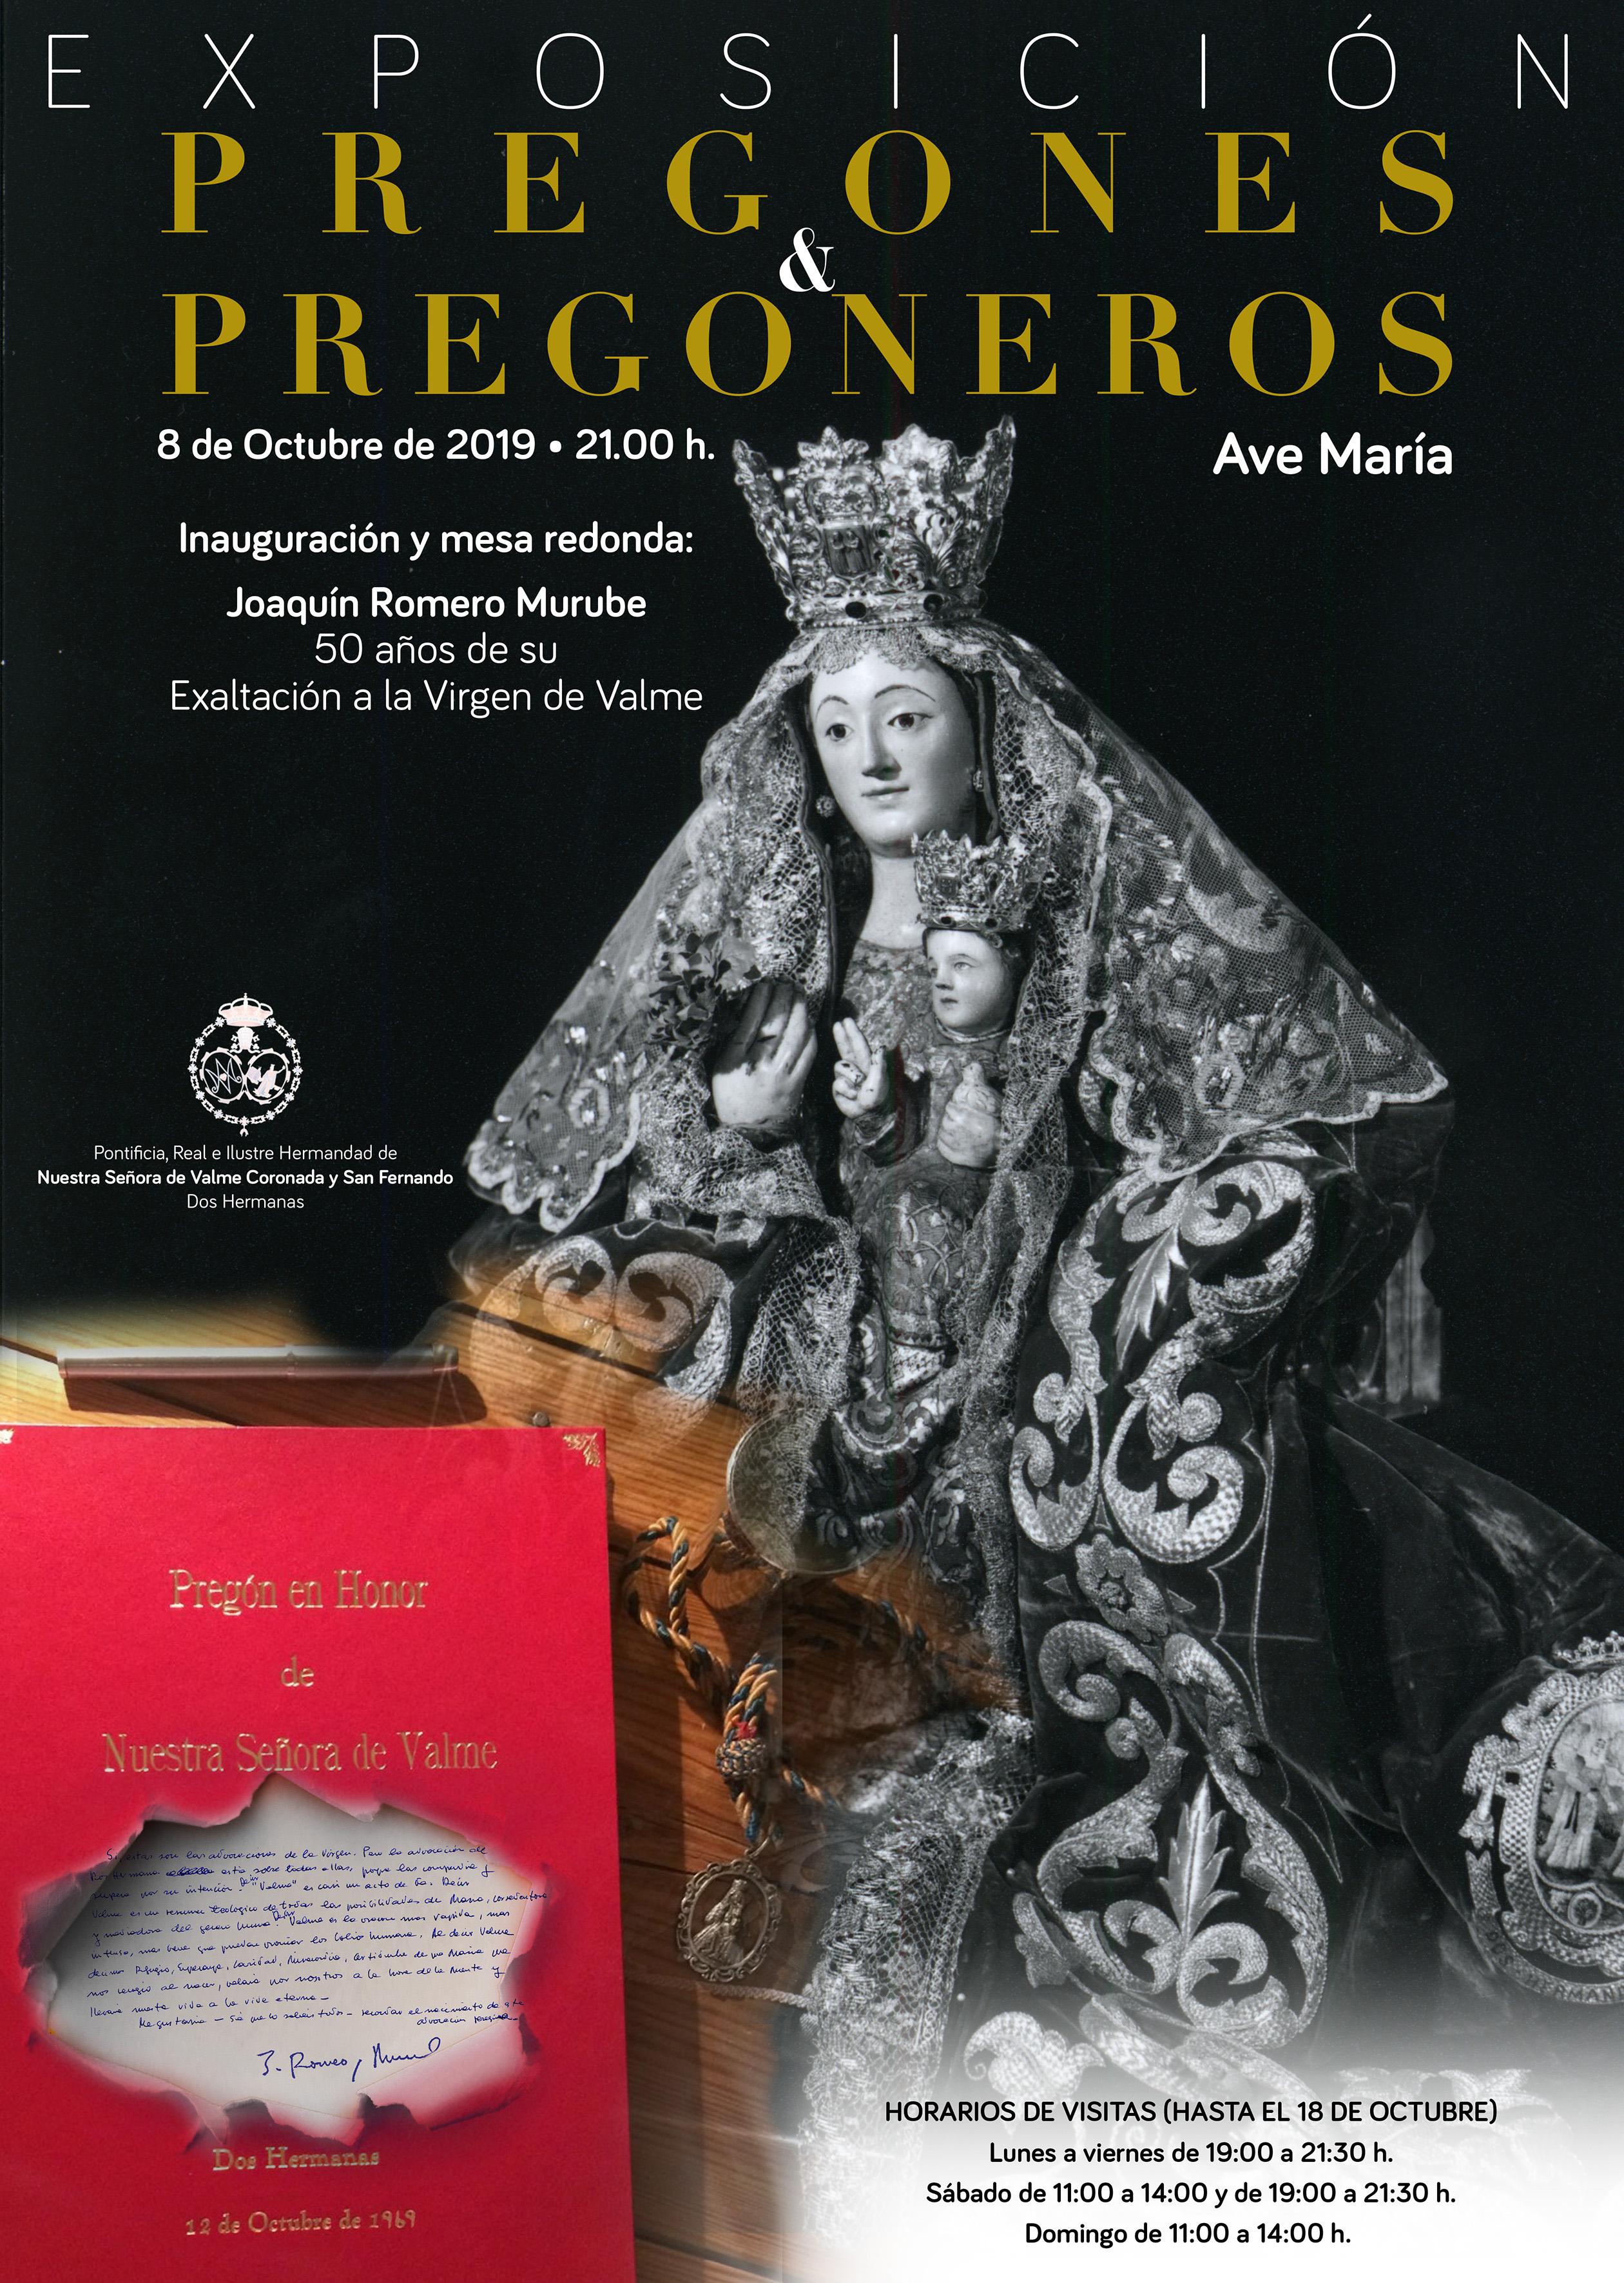 Exposición 'Pregones y Pregoneros' de Valme